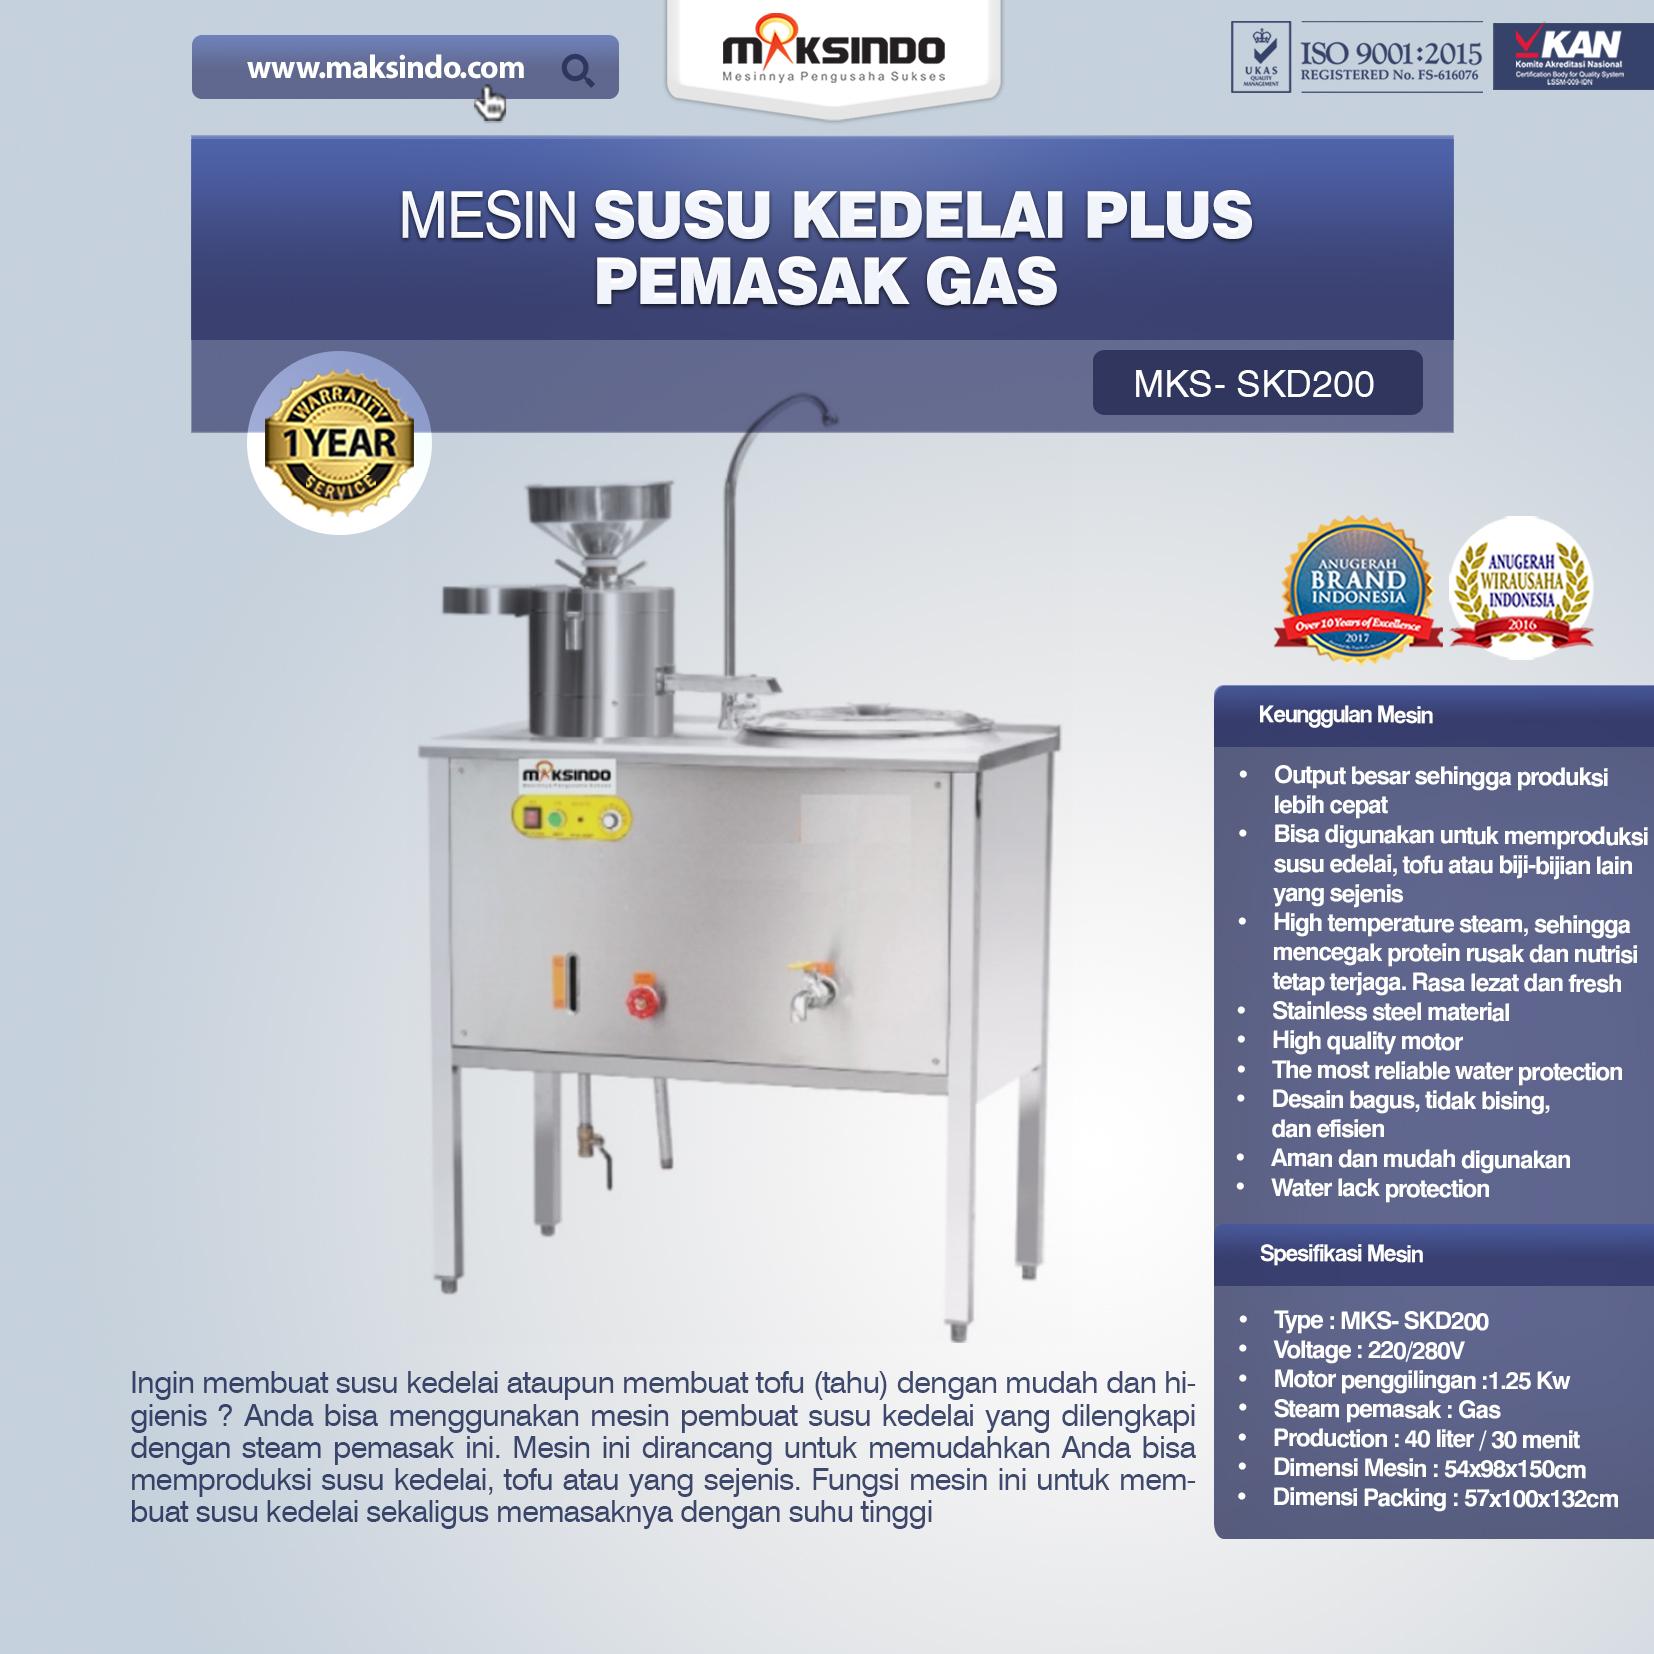 Jual Mesin Susu Kedelai Plus Pemasak Gas (SKD200) di Blitar